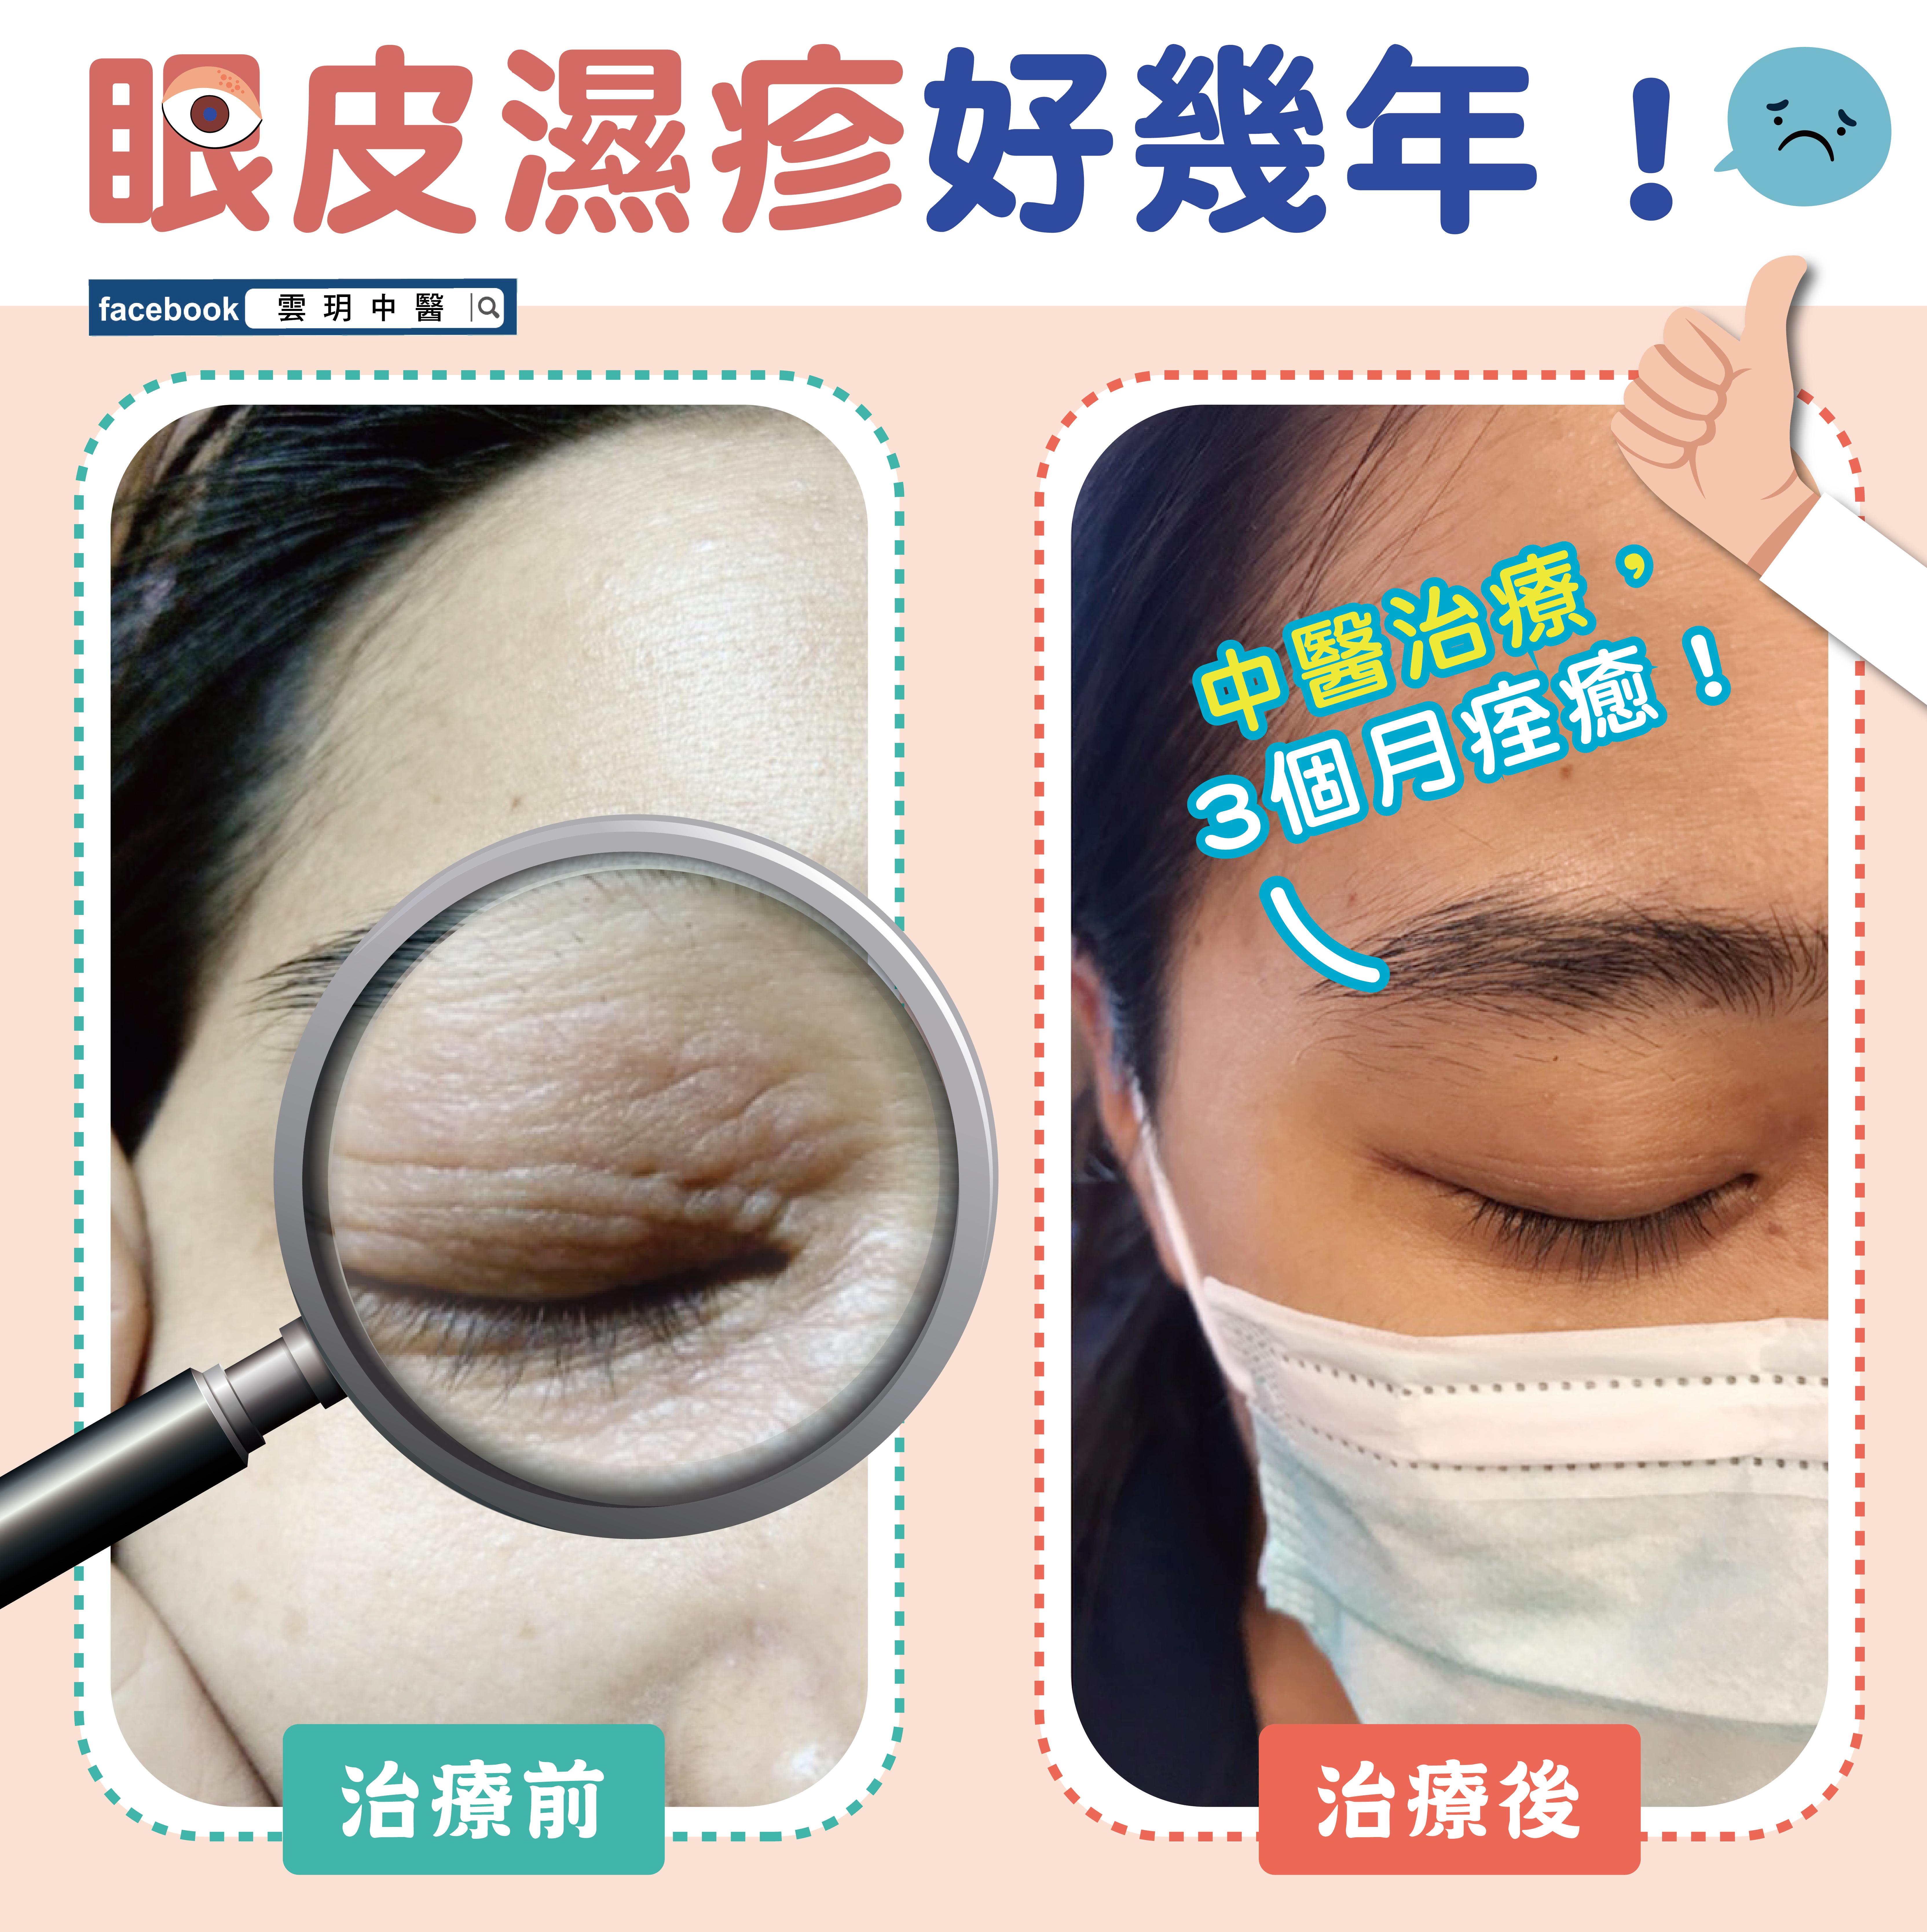 圖片十眼部濕疹案分-03